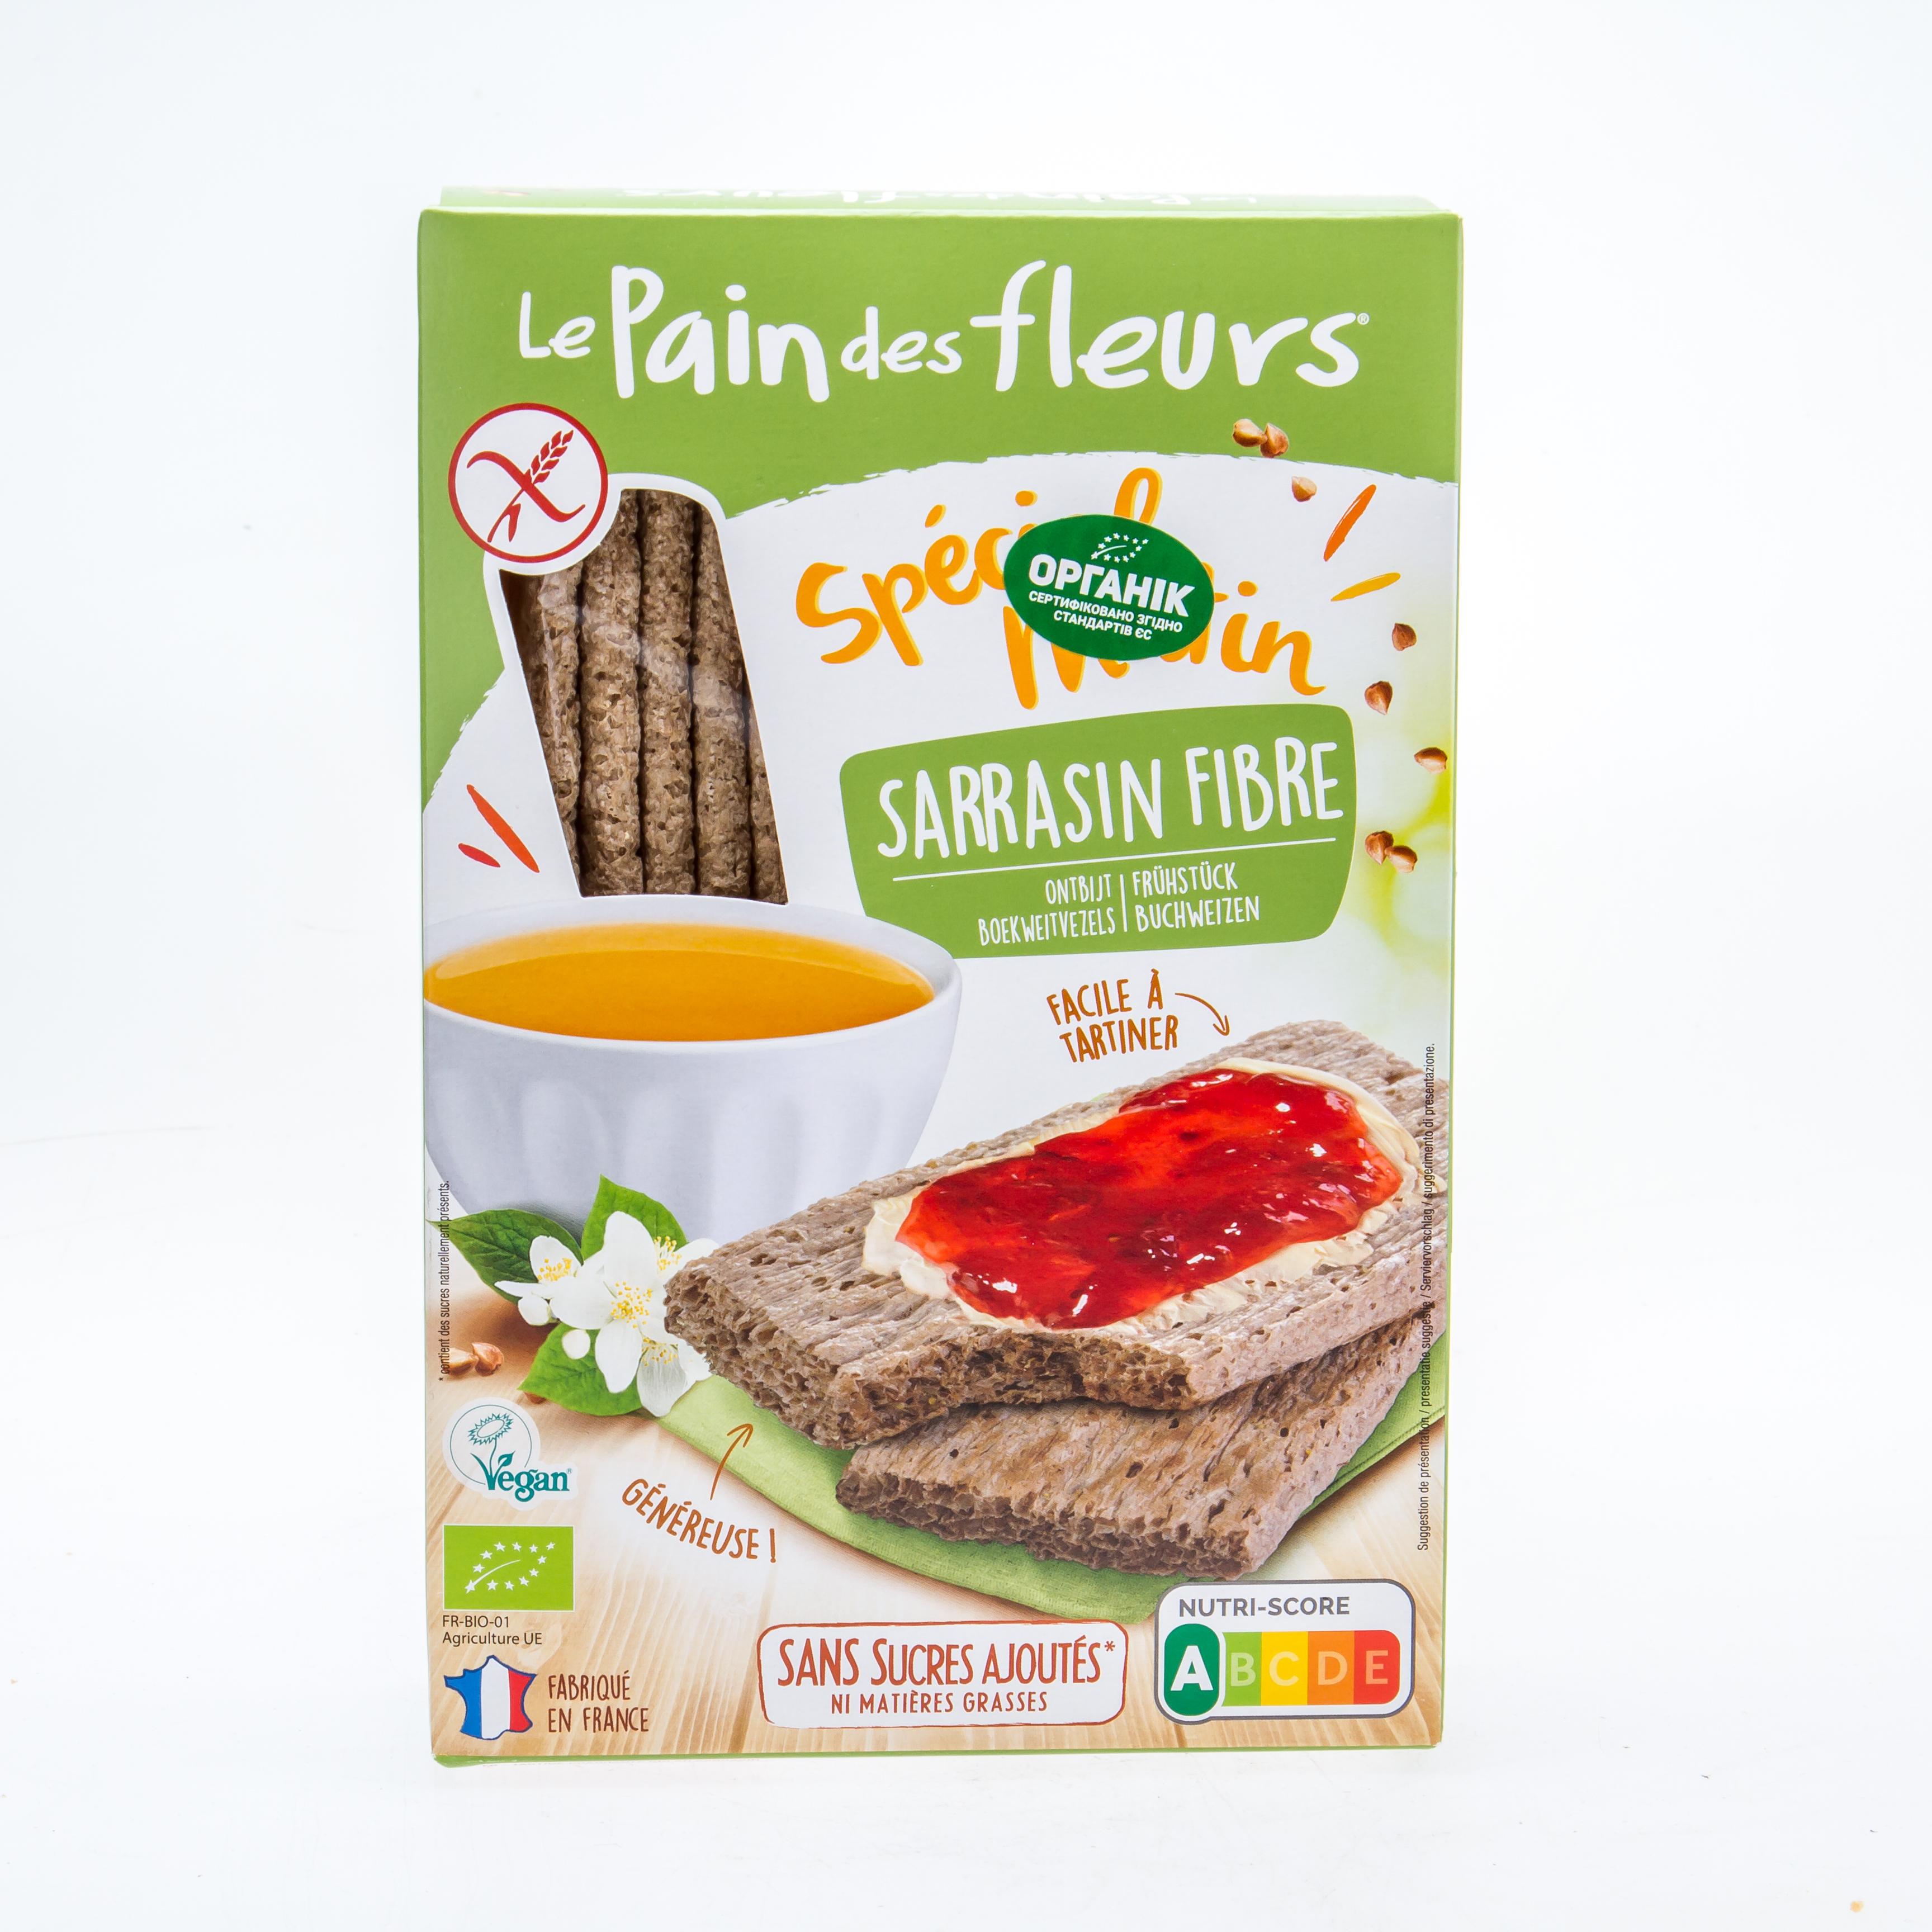 Органічні особливі  хлібці з гречки до сніданку (без глютену) , 230 г - купить в интернет-магазине Юнимед